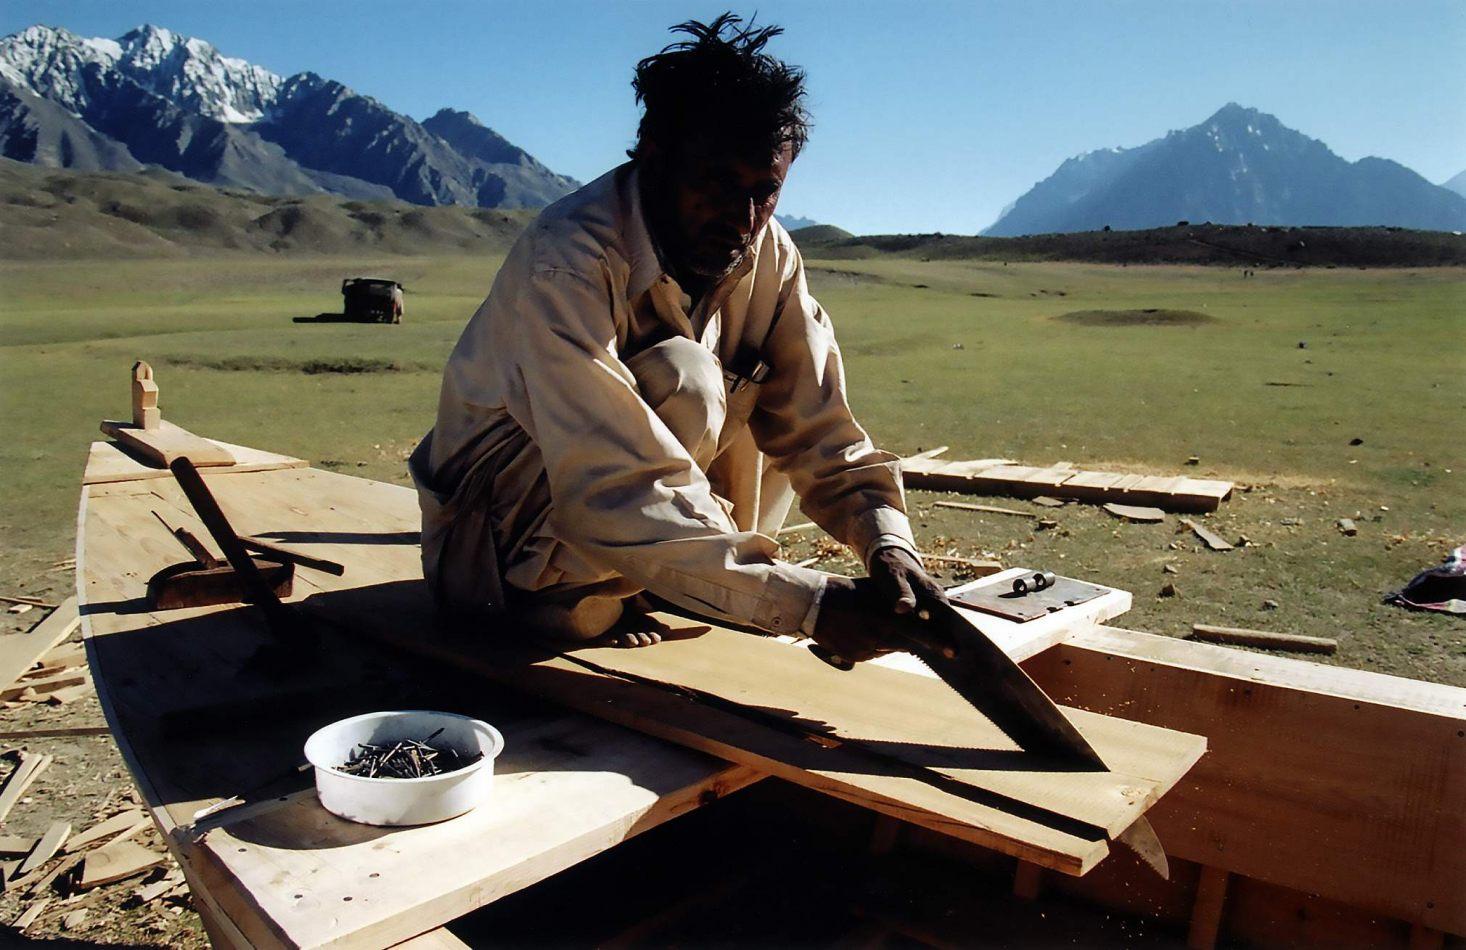 Anthony Ellis Photography: Zindabad - The Boat Maker